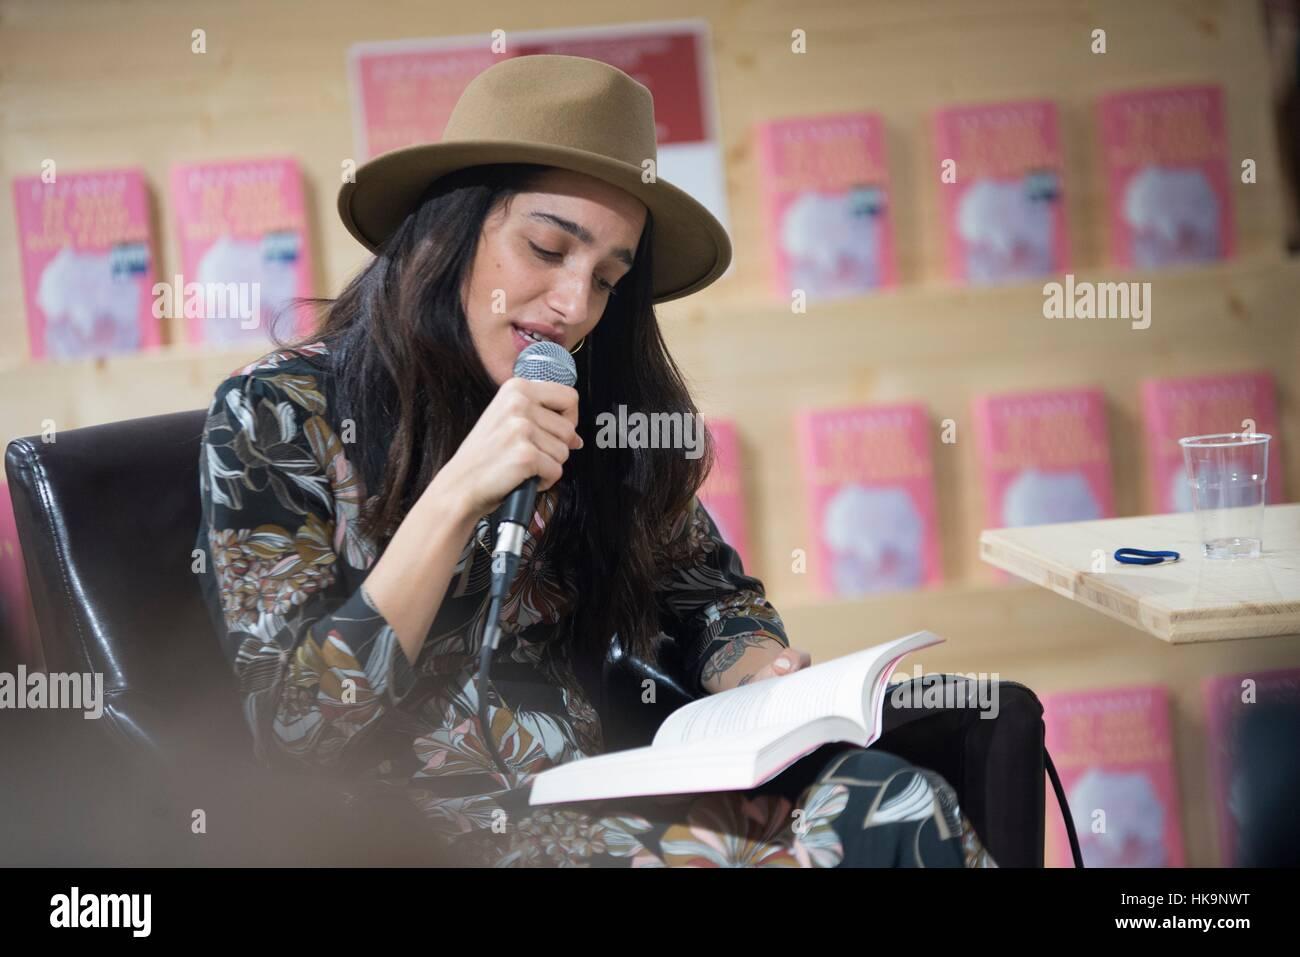 Claudia Lagona Stock Photos & Claudia Lagona Stock Images ...